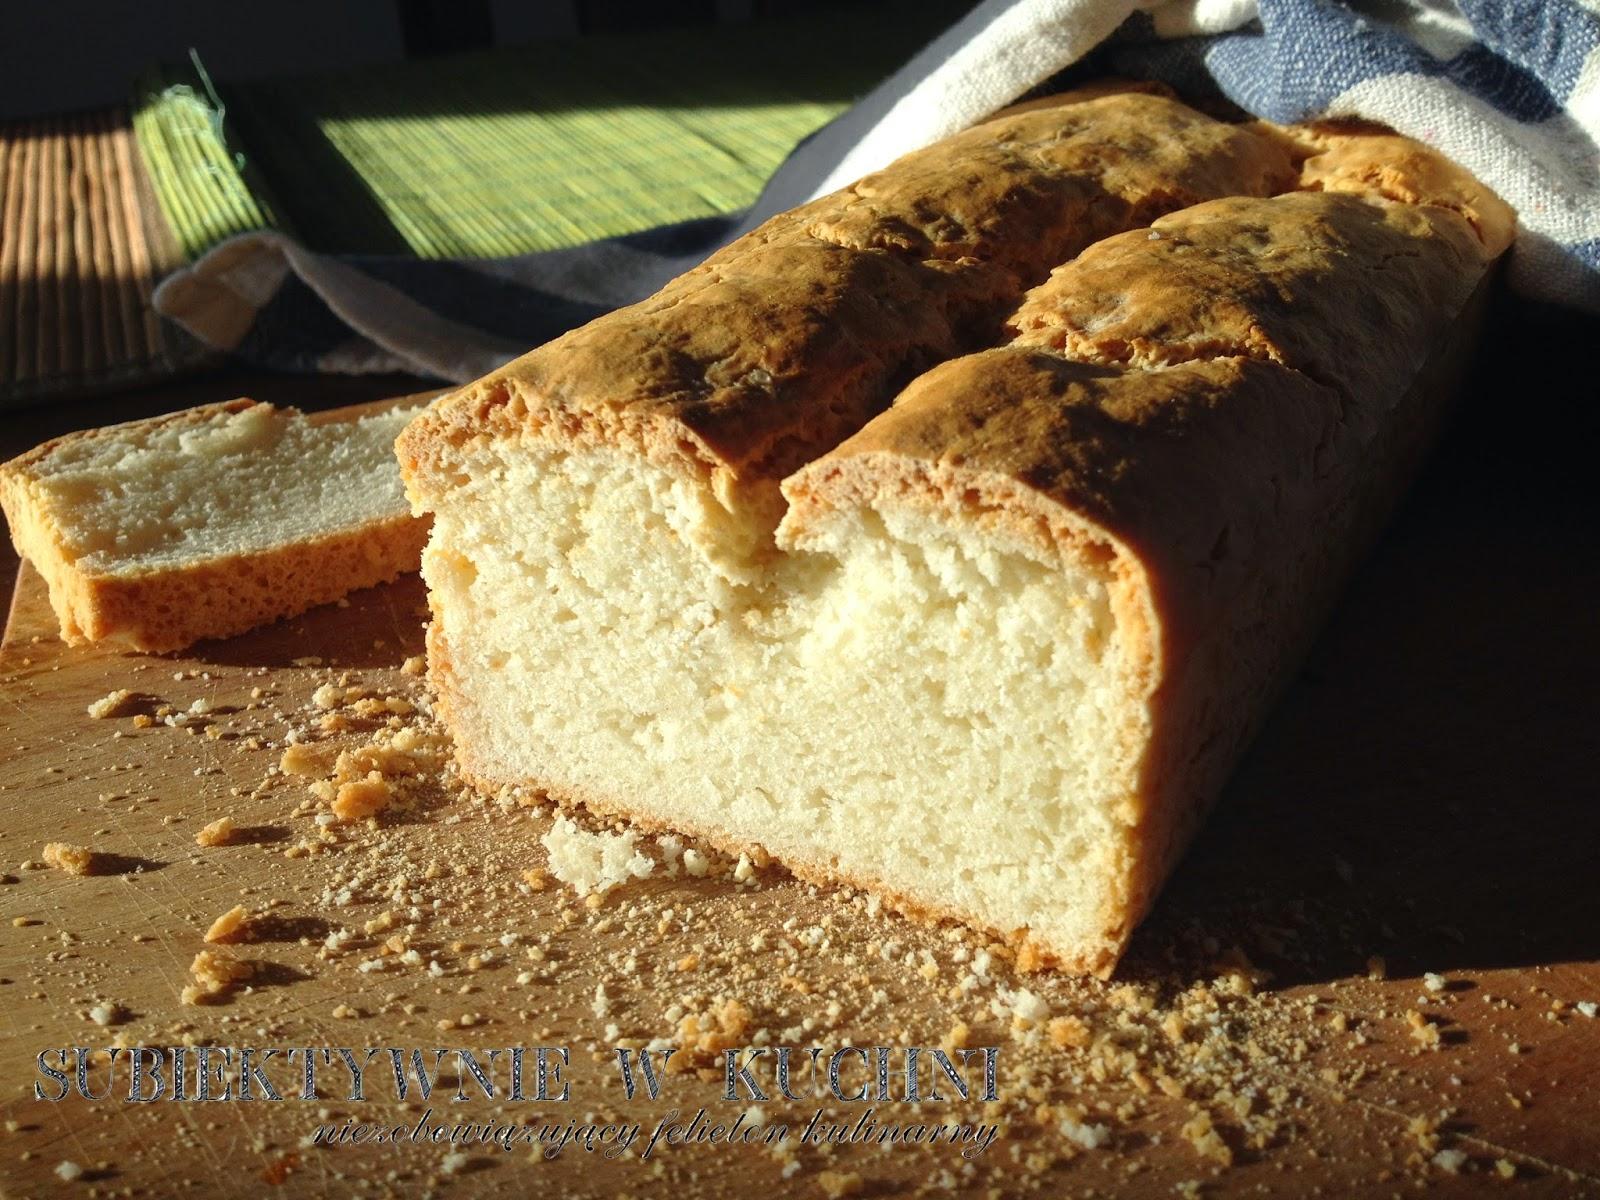 chleb bezglutenowy, gluten-free bread, glutenfreies Brot, pan sin gluten, pain sans gluten